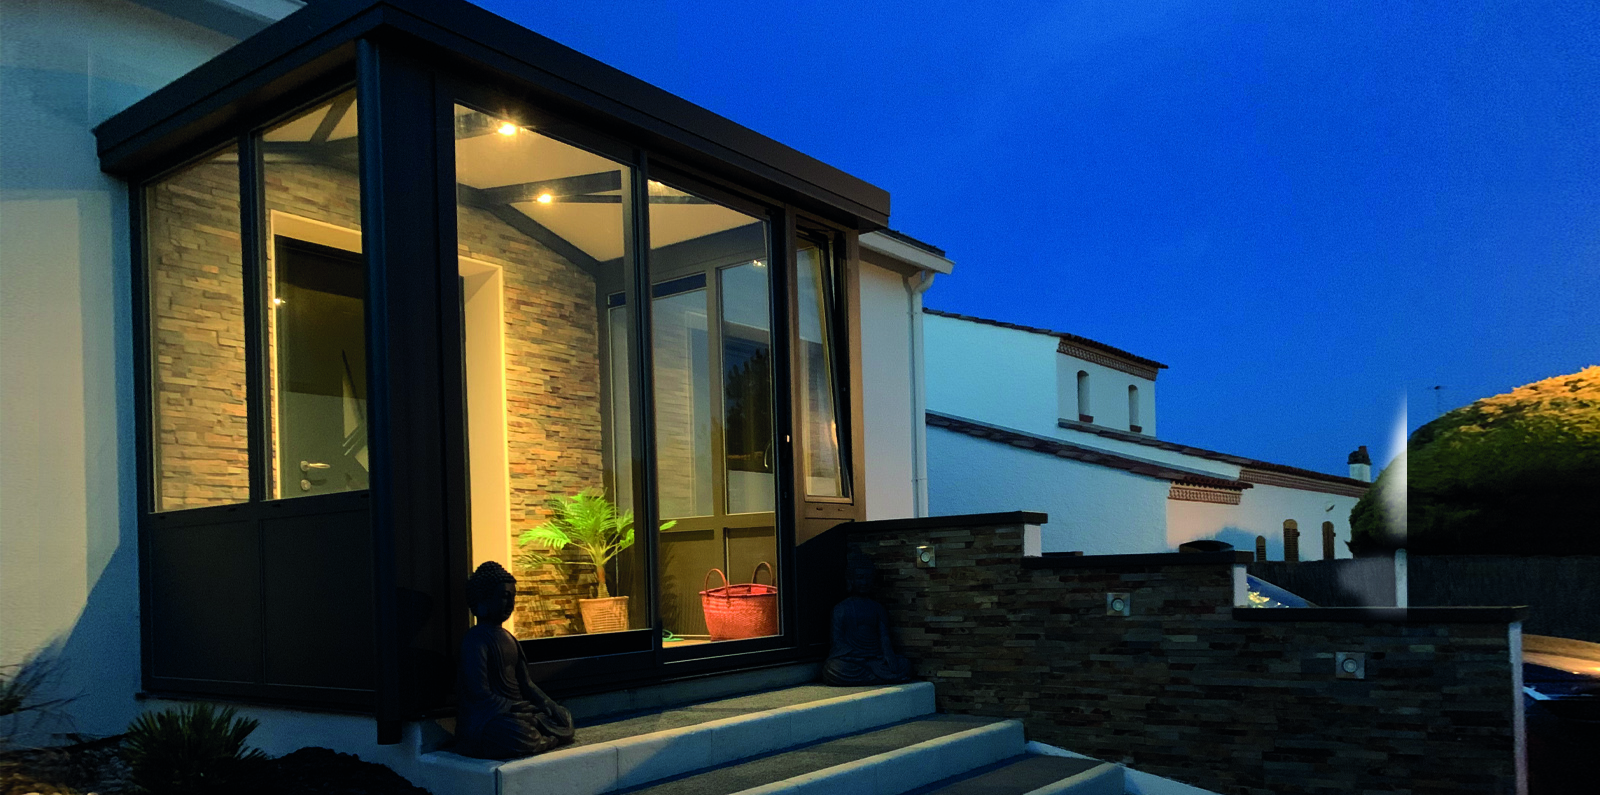 Porche D Entrée Maison Contemporaine véranda d'entrée - sas d'entrée pour maison - soko